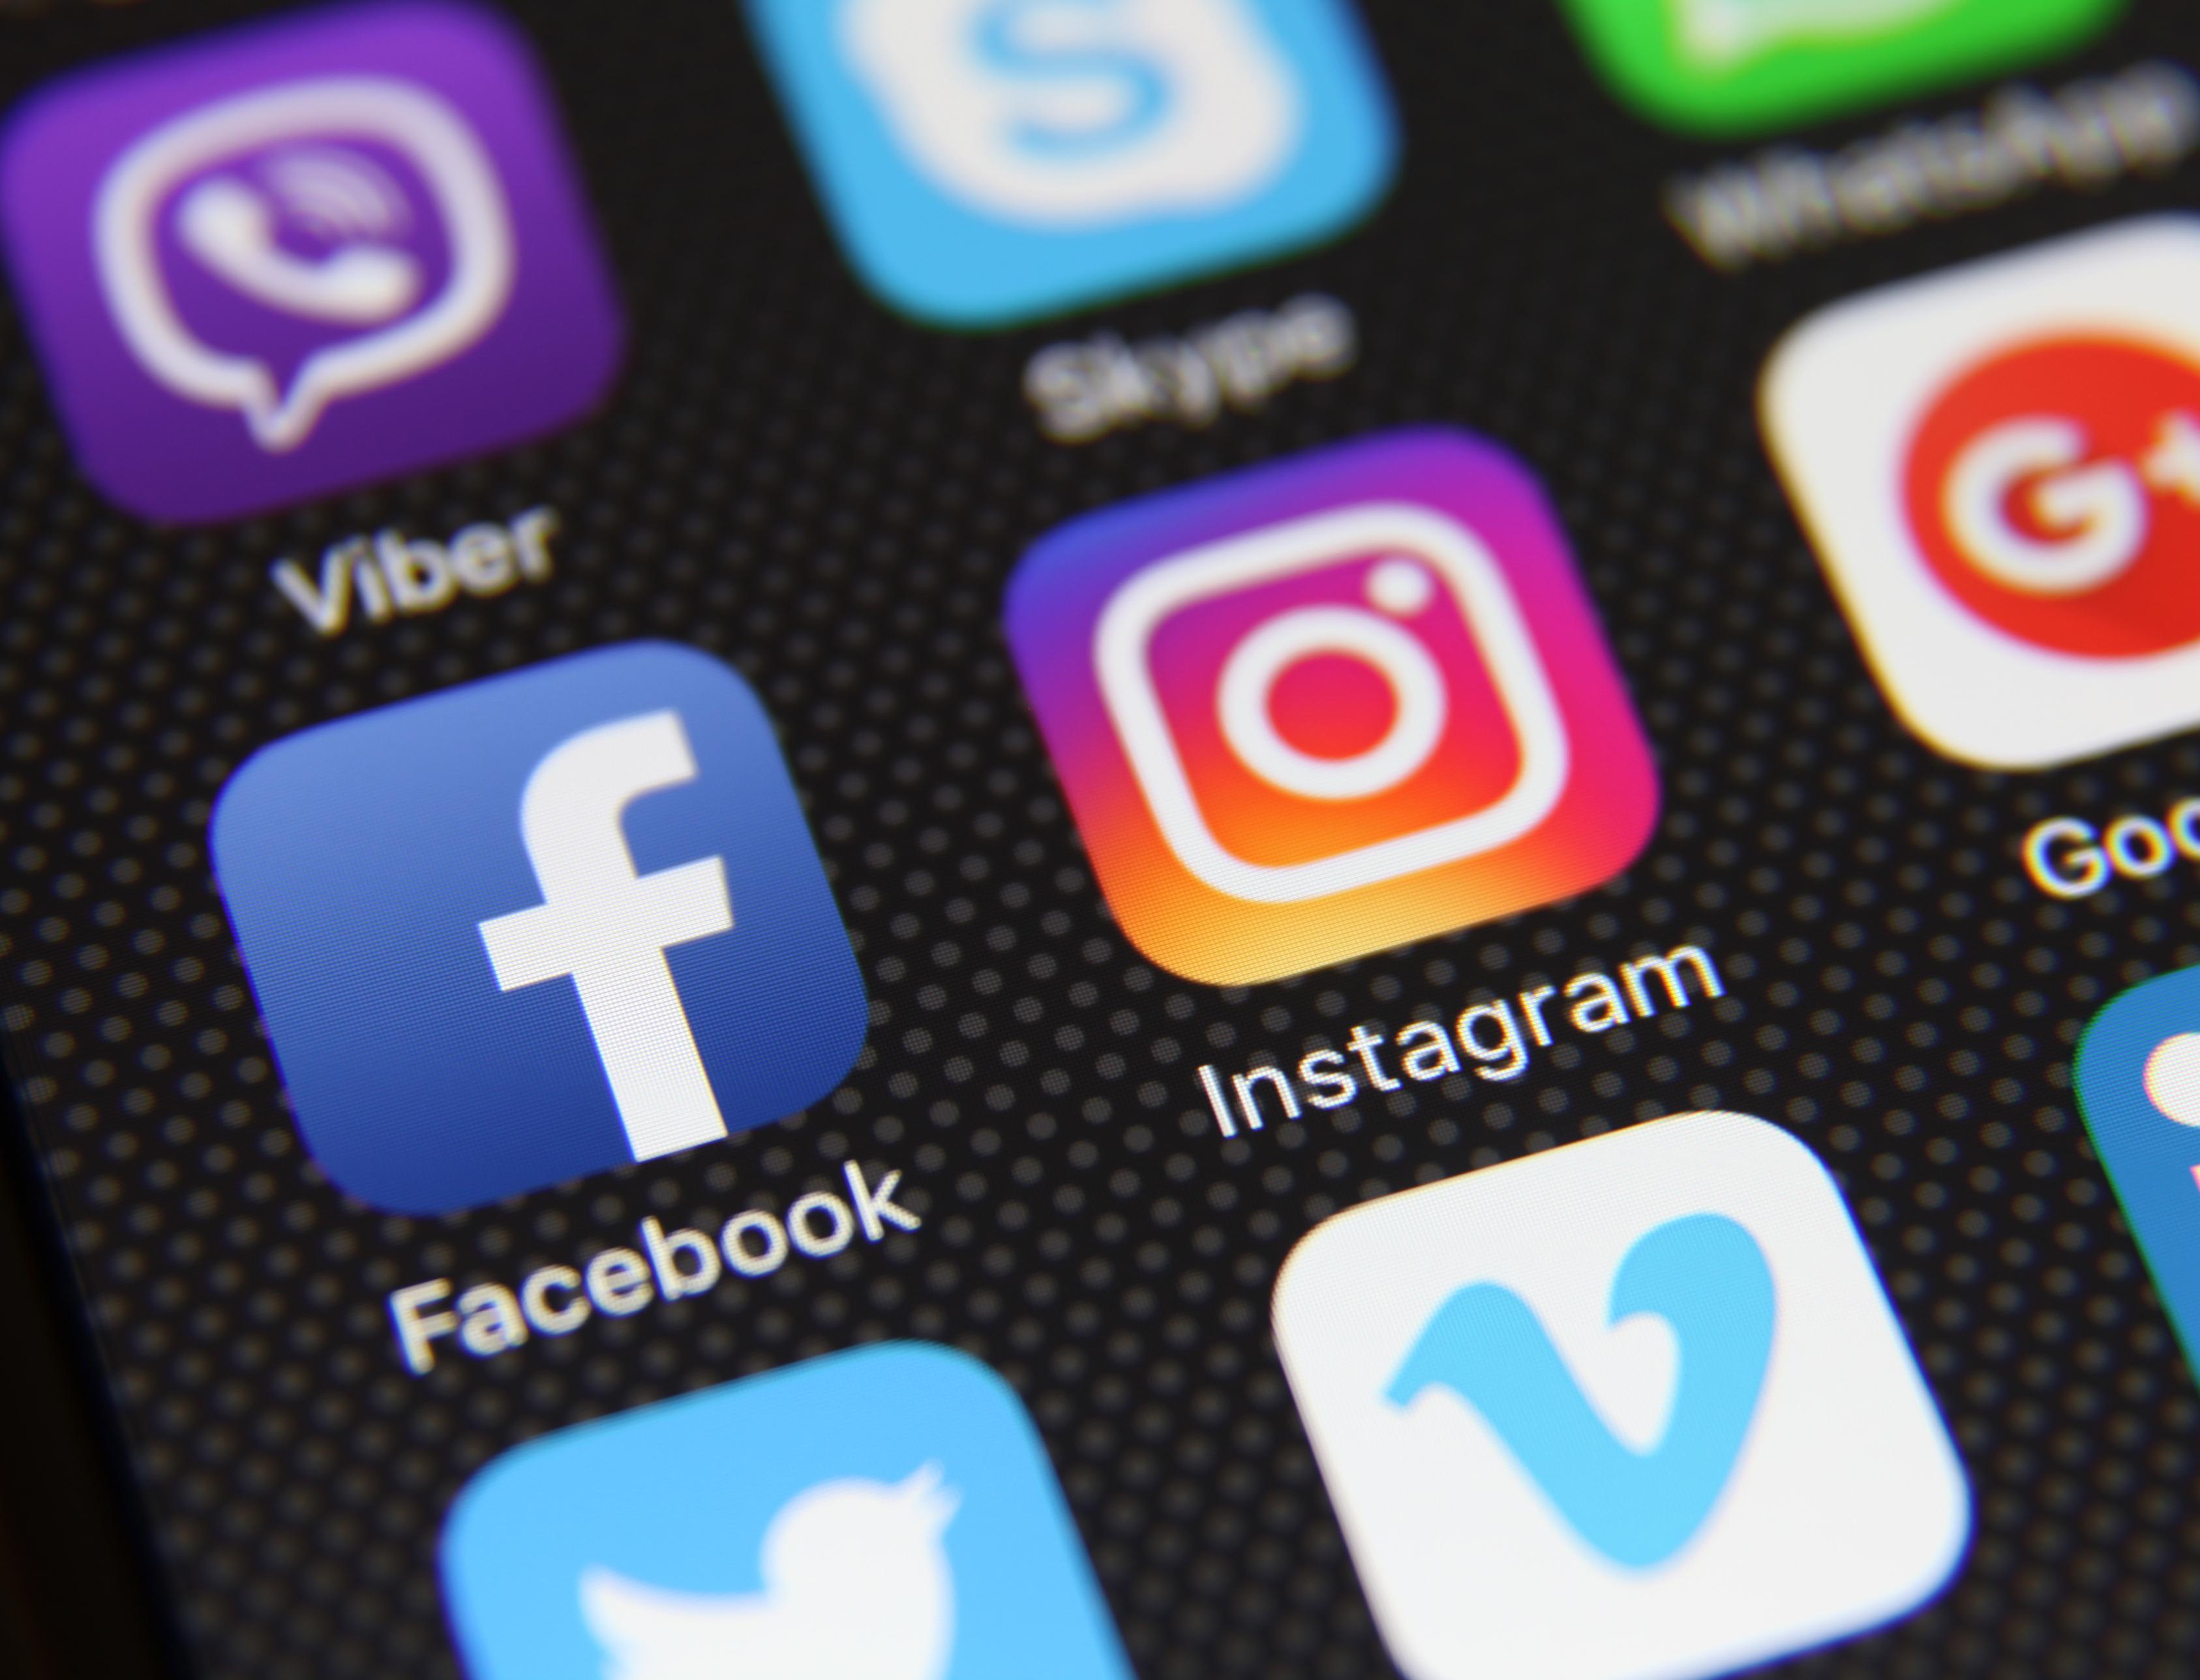 Экоактивистам расскажут о безопасности в соцсетях